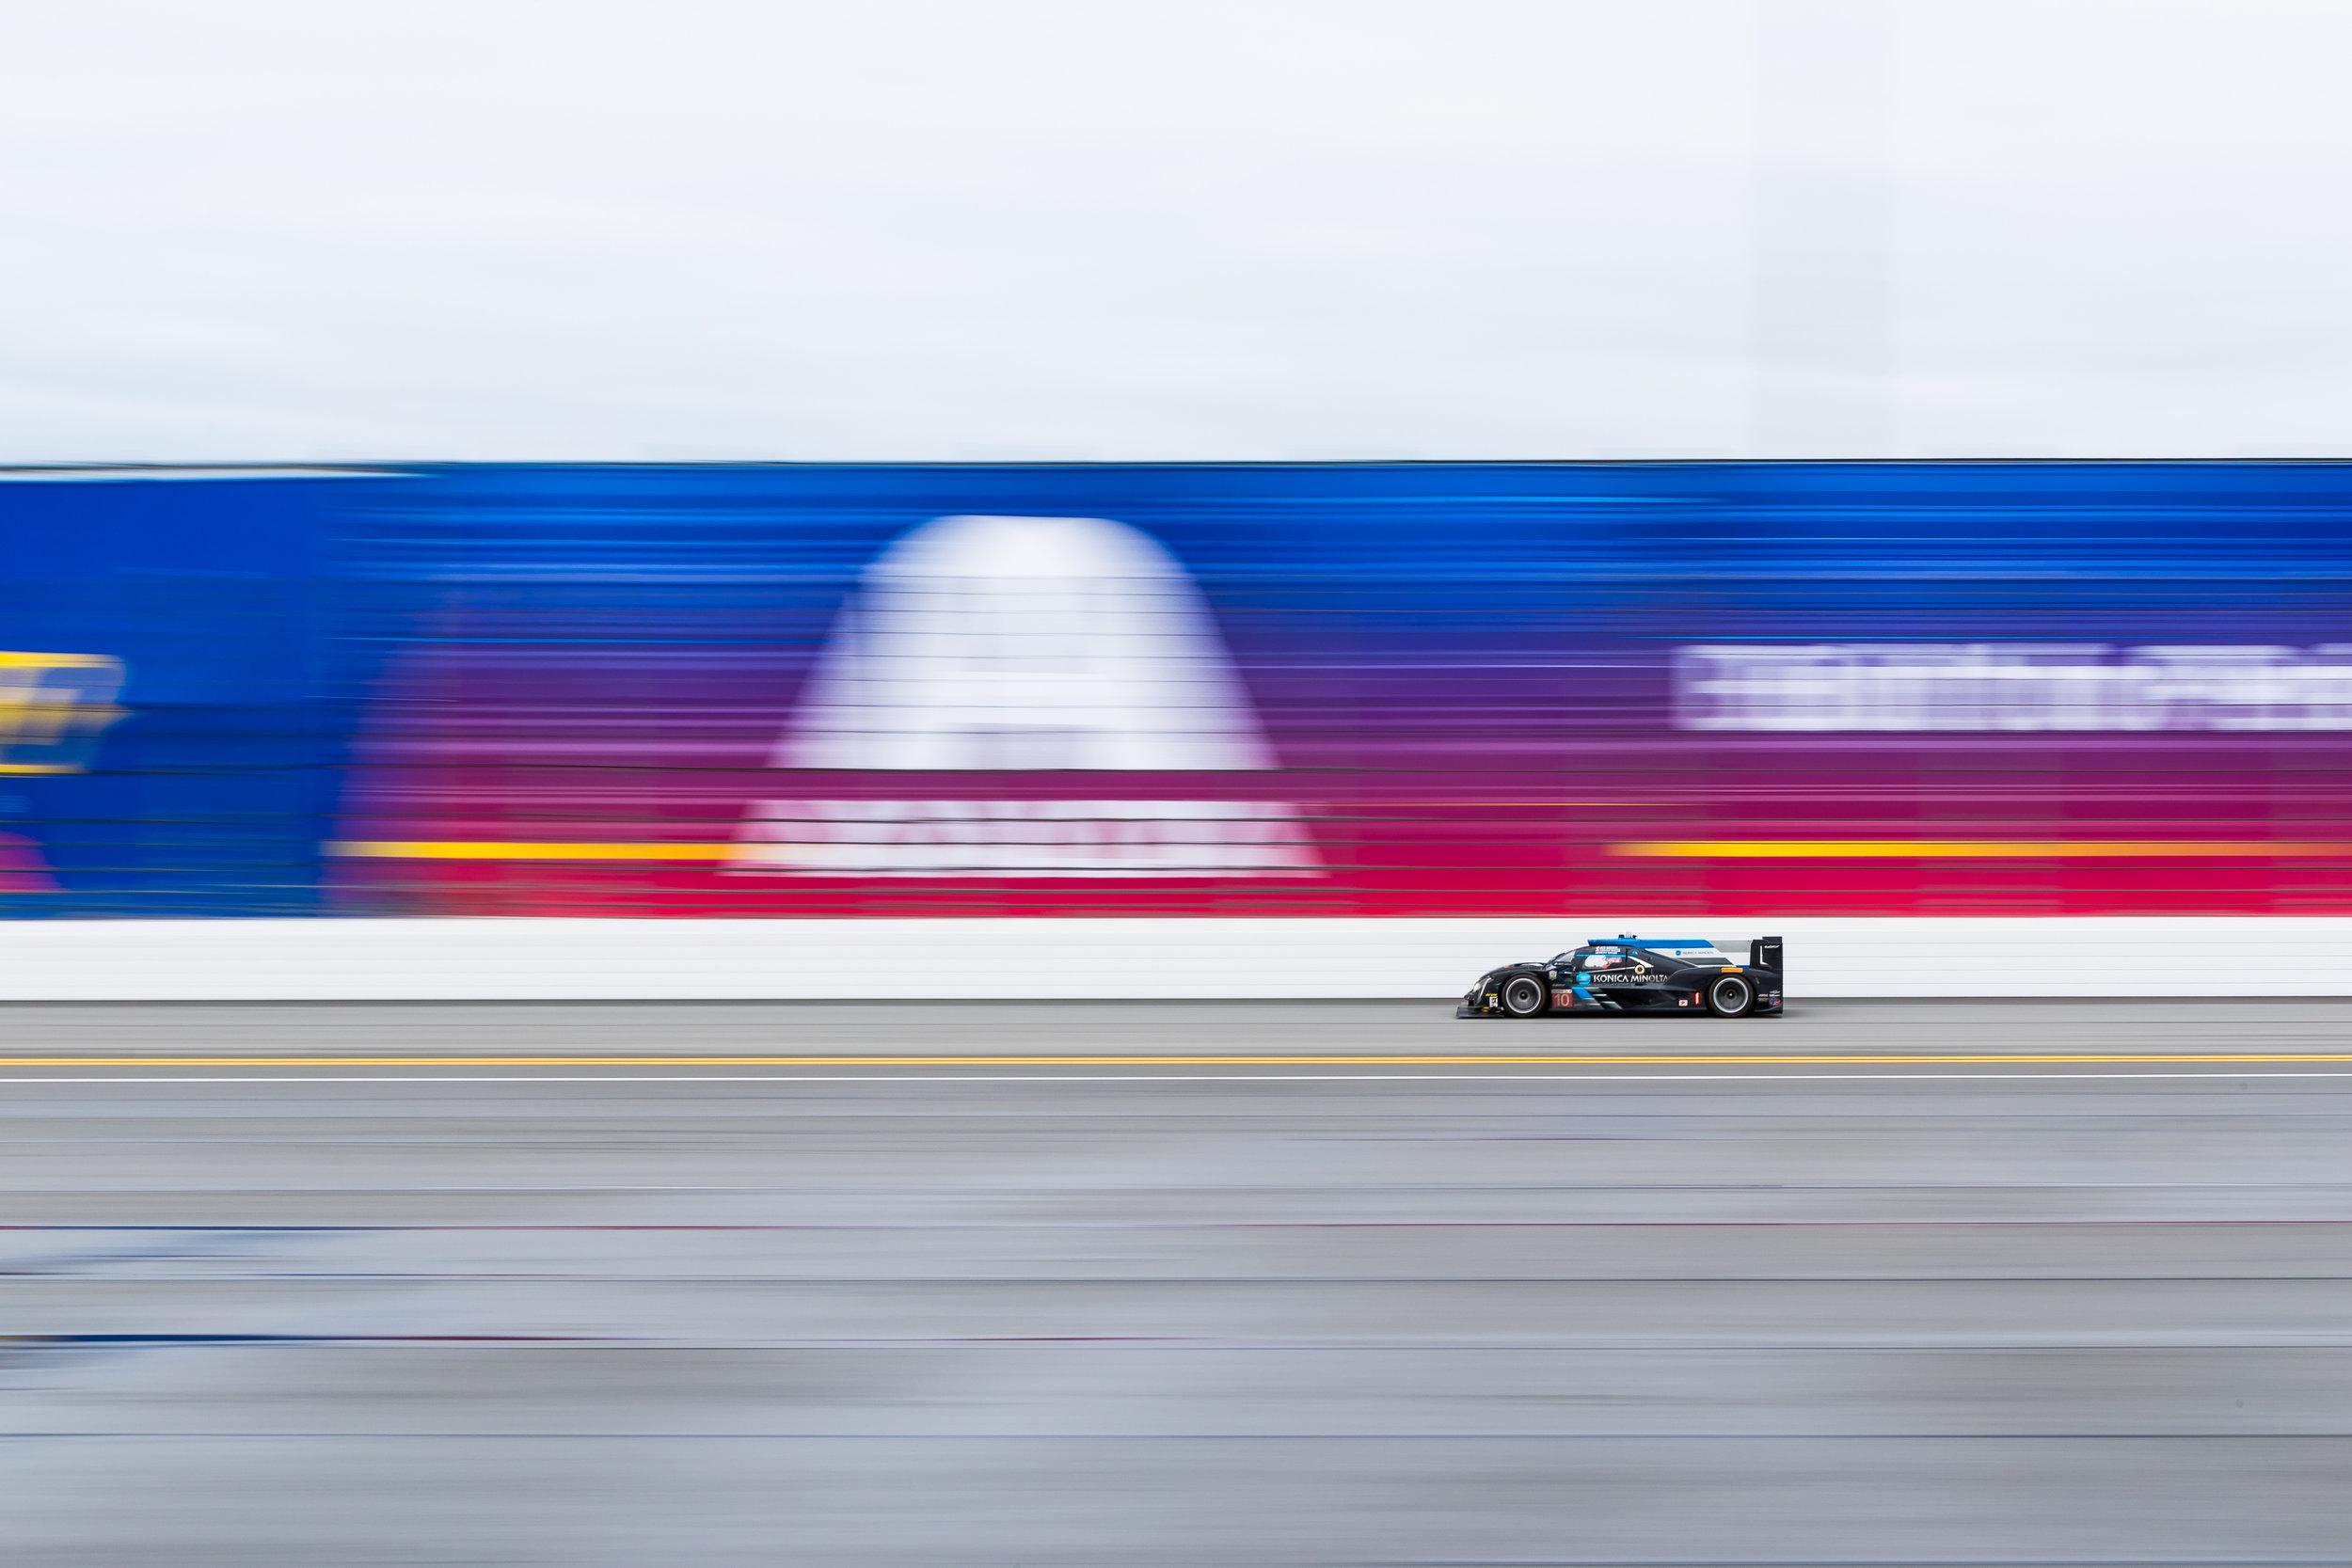 IMSA - Daytona 2017-_21I4228.jpg